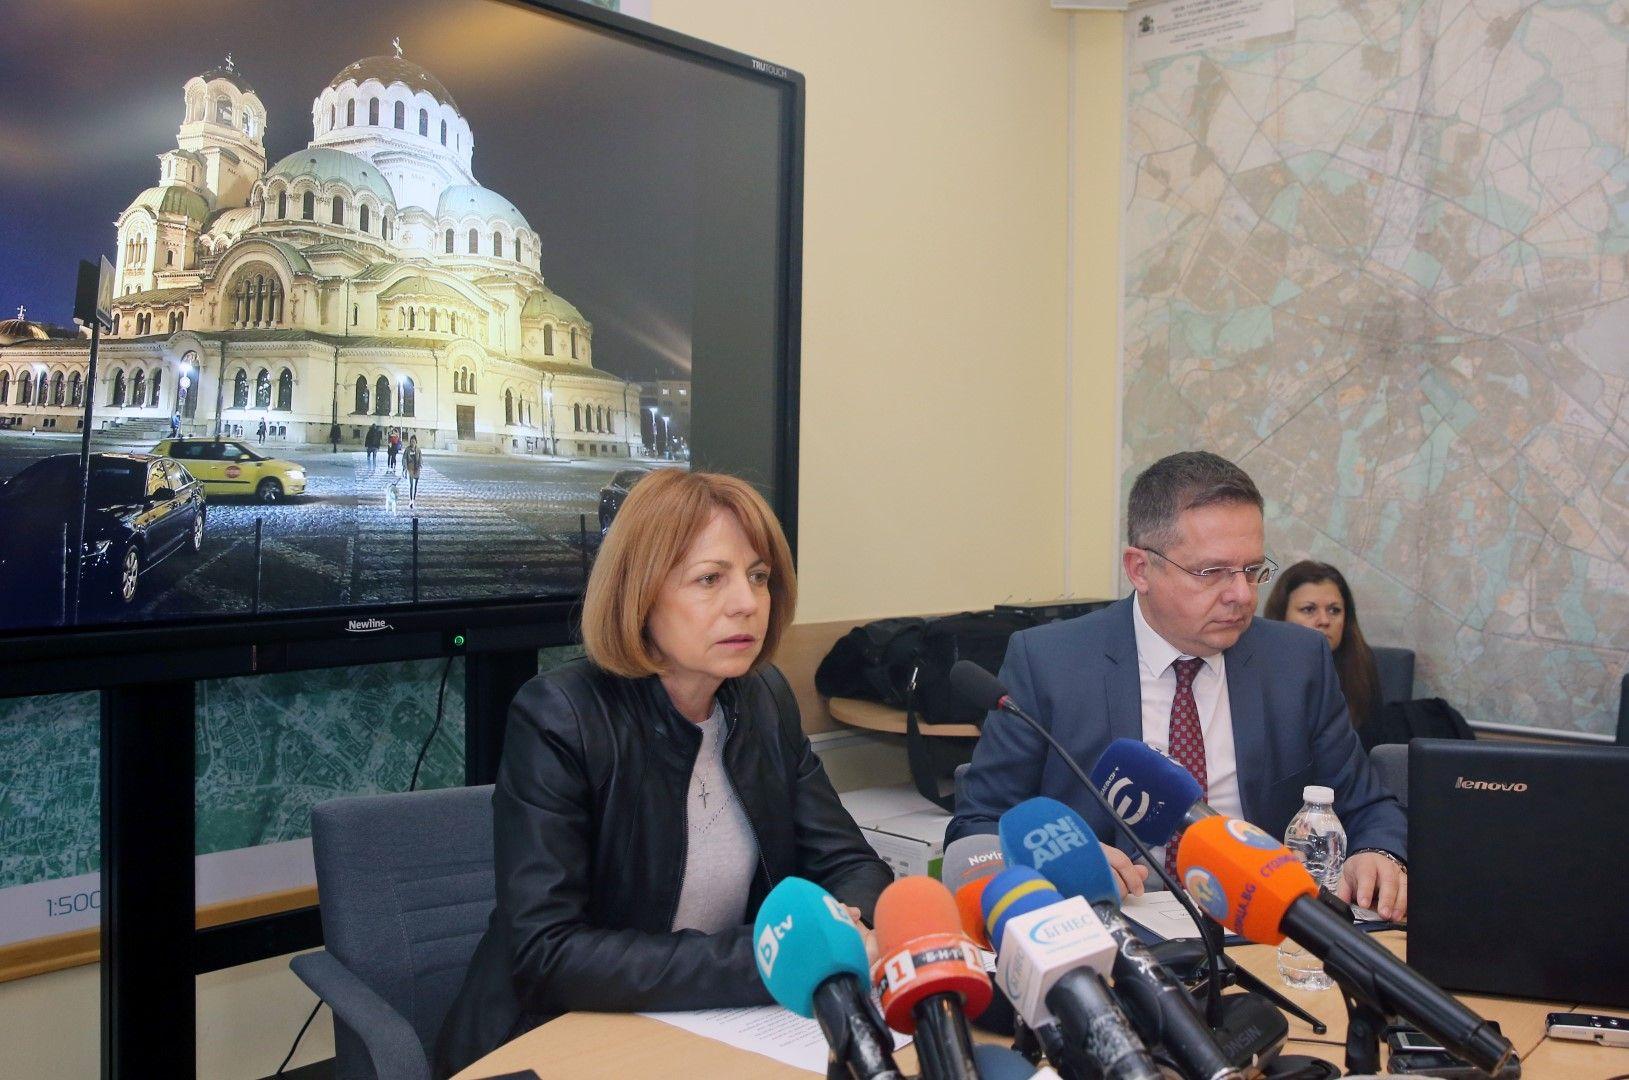 Йорданка Фандъкова и заместник-кметът по финансите Дончо Барбалов представят промените